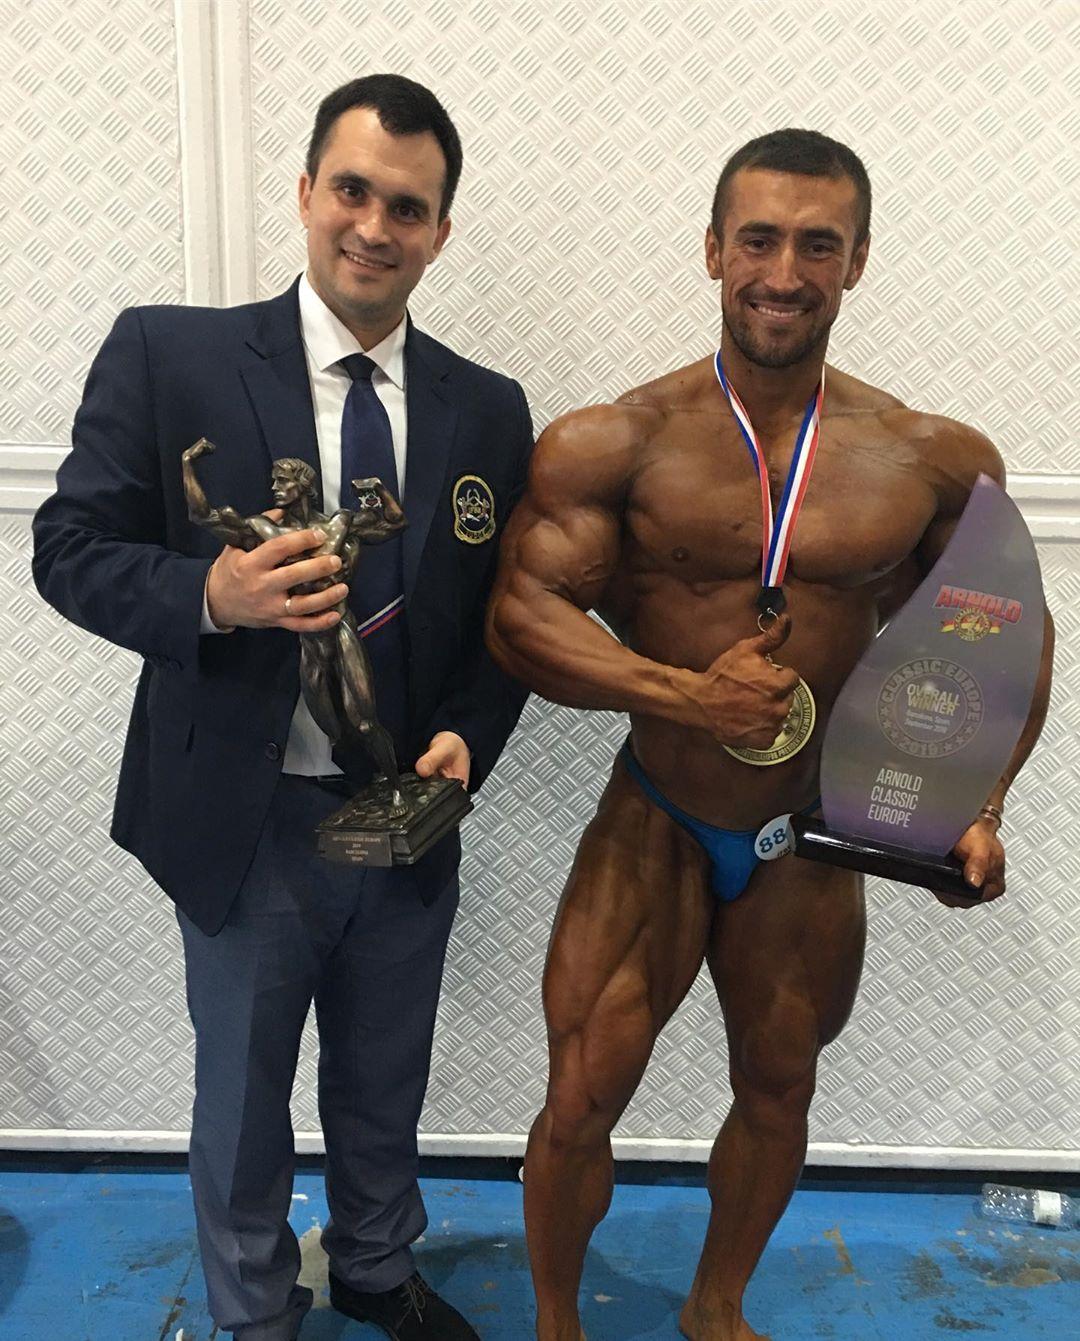 Денис Капустин и Усейн Салимов- абсолютный победитель «Arnold Classic Europe» - 2019 и победитель в категории 90 кг